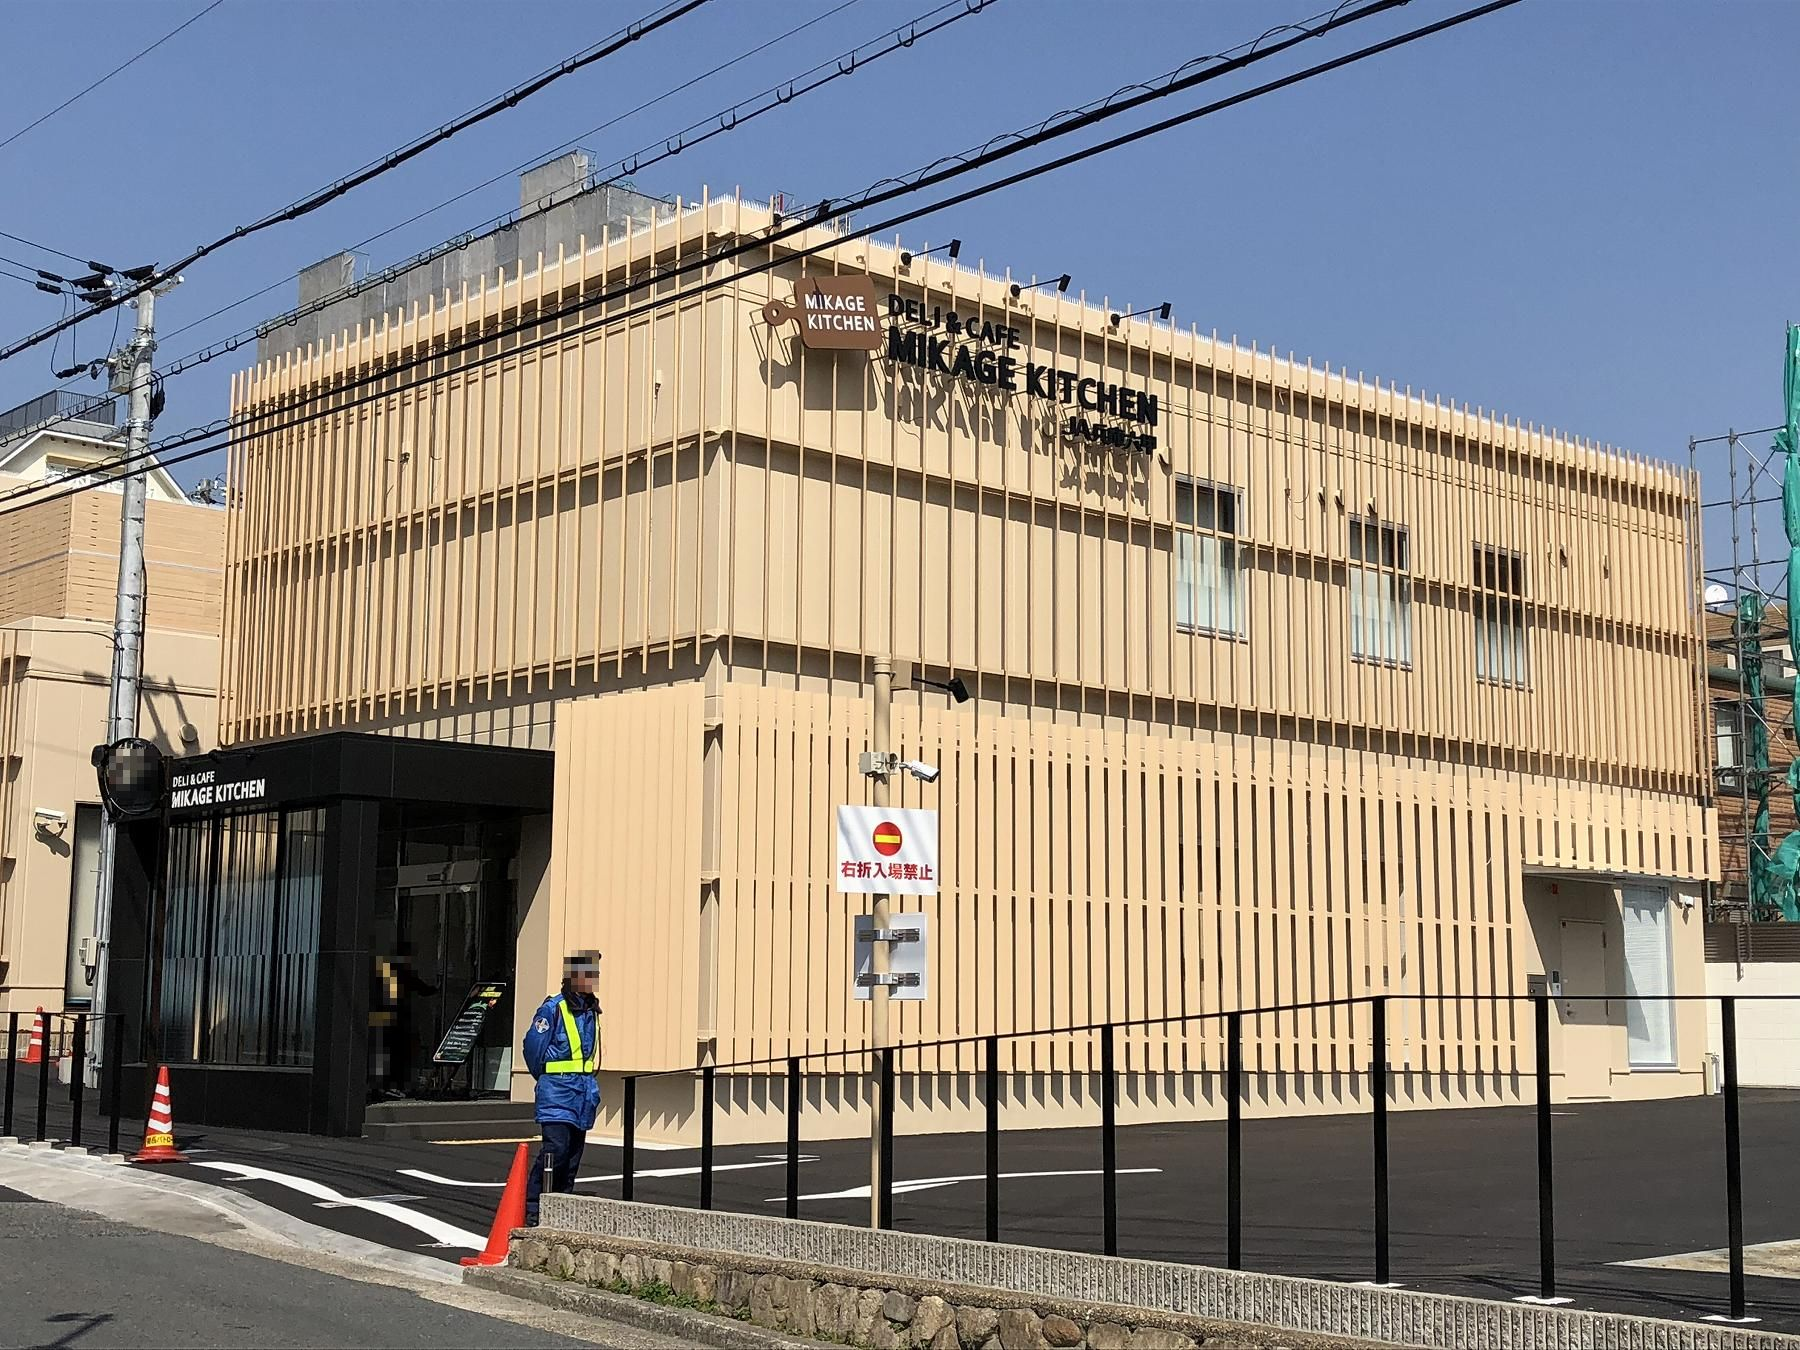 神戸・御影に「マチマルシェ御影&御影キッチン」がオープンしたので、立ち寄ってみた!#新規オープン #マチマルシェ御影 #御影キッチン #JA兵庫六甲